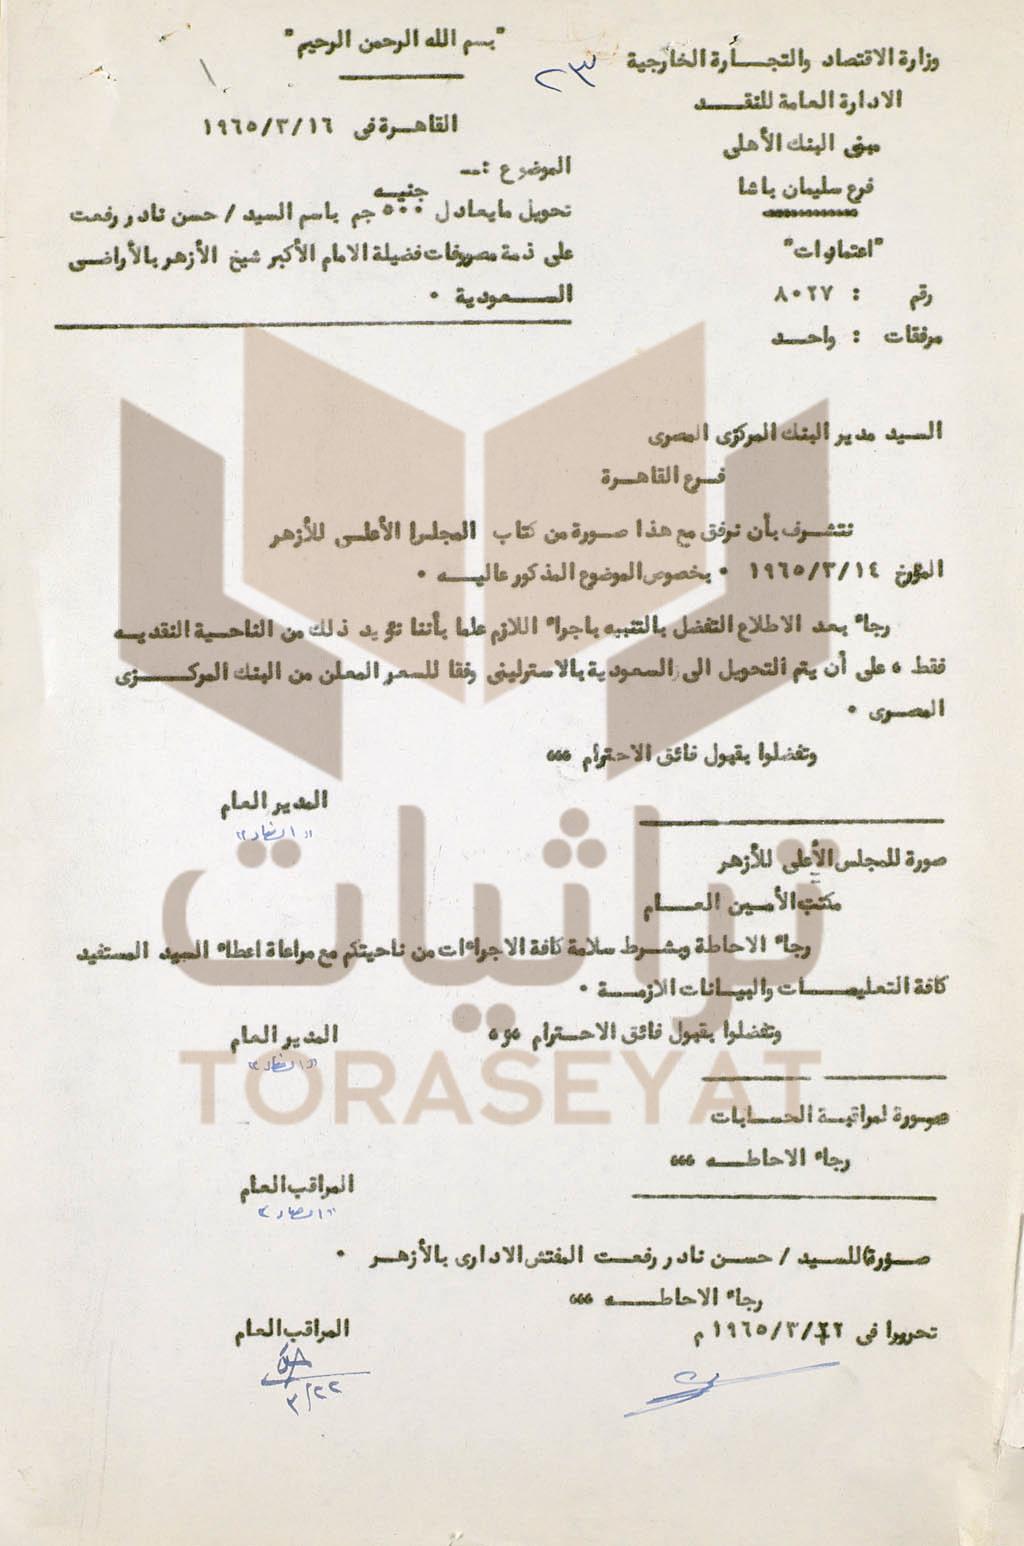 وثيقة من وزارة الاقتصاد بشأن تحويل عملة حاج من أجل شيخ الأزهر